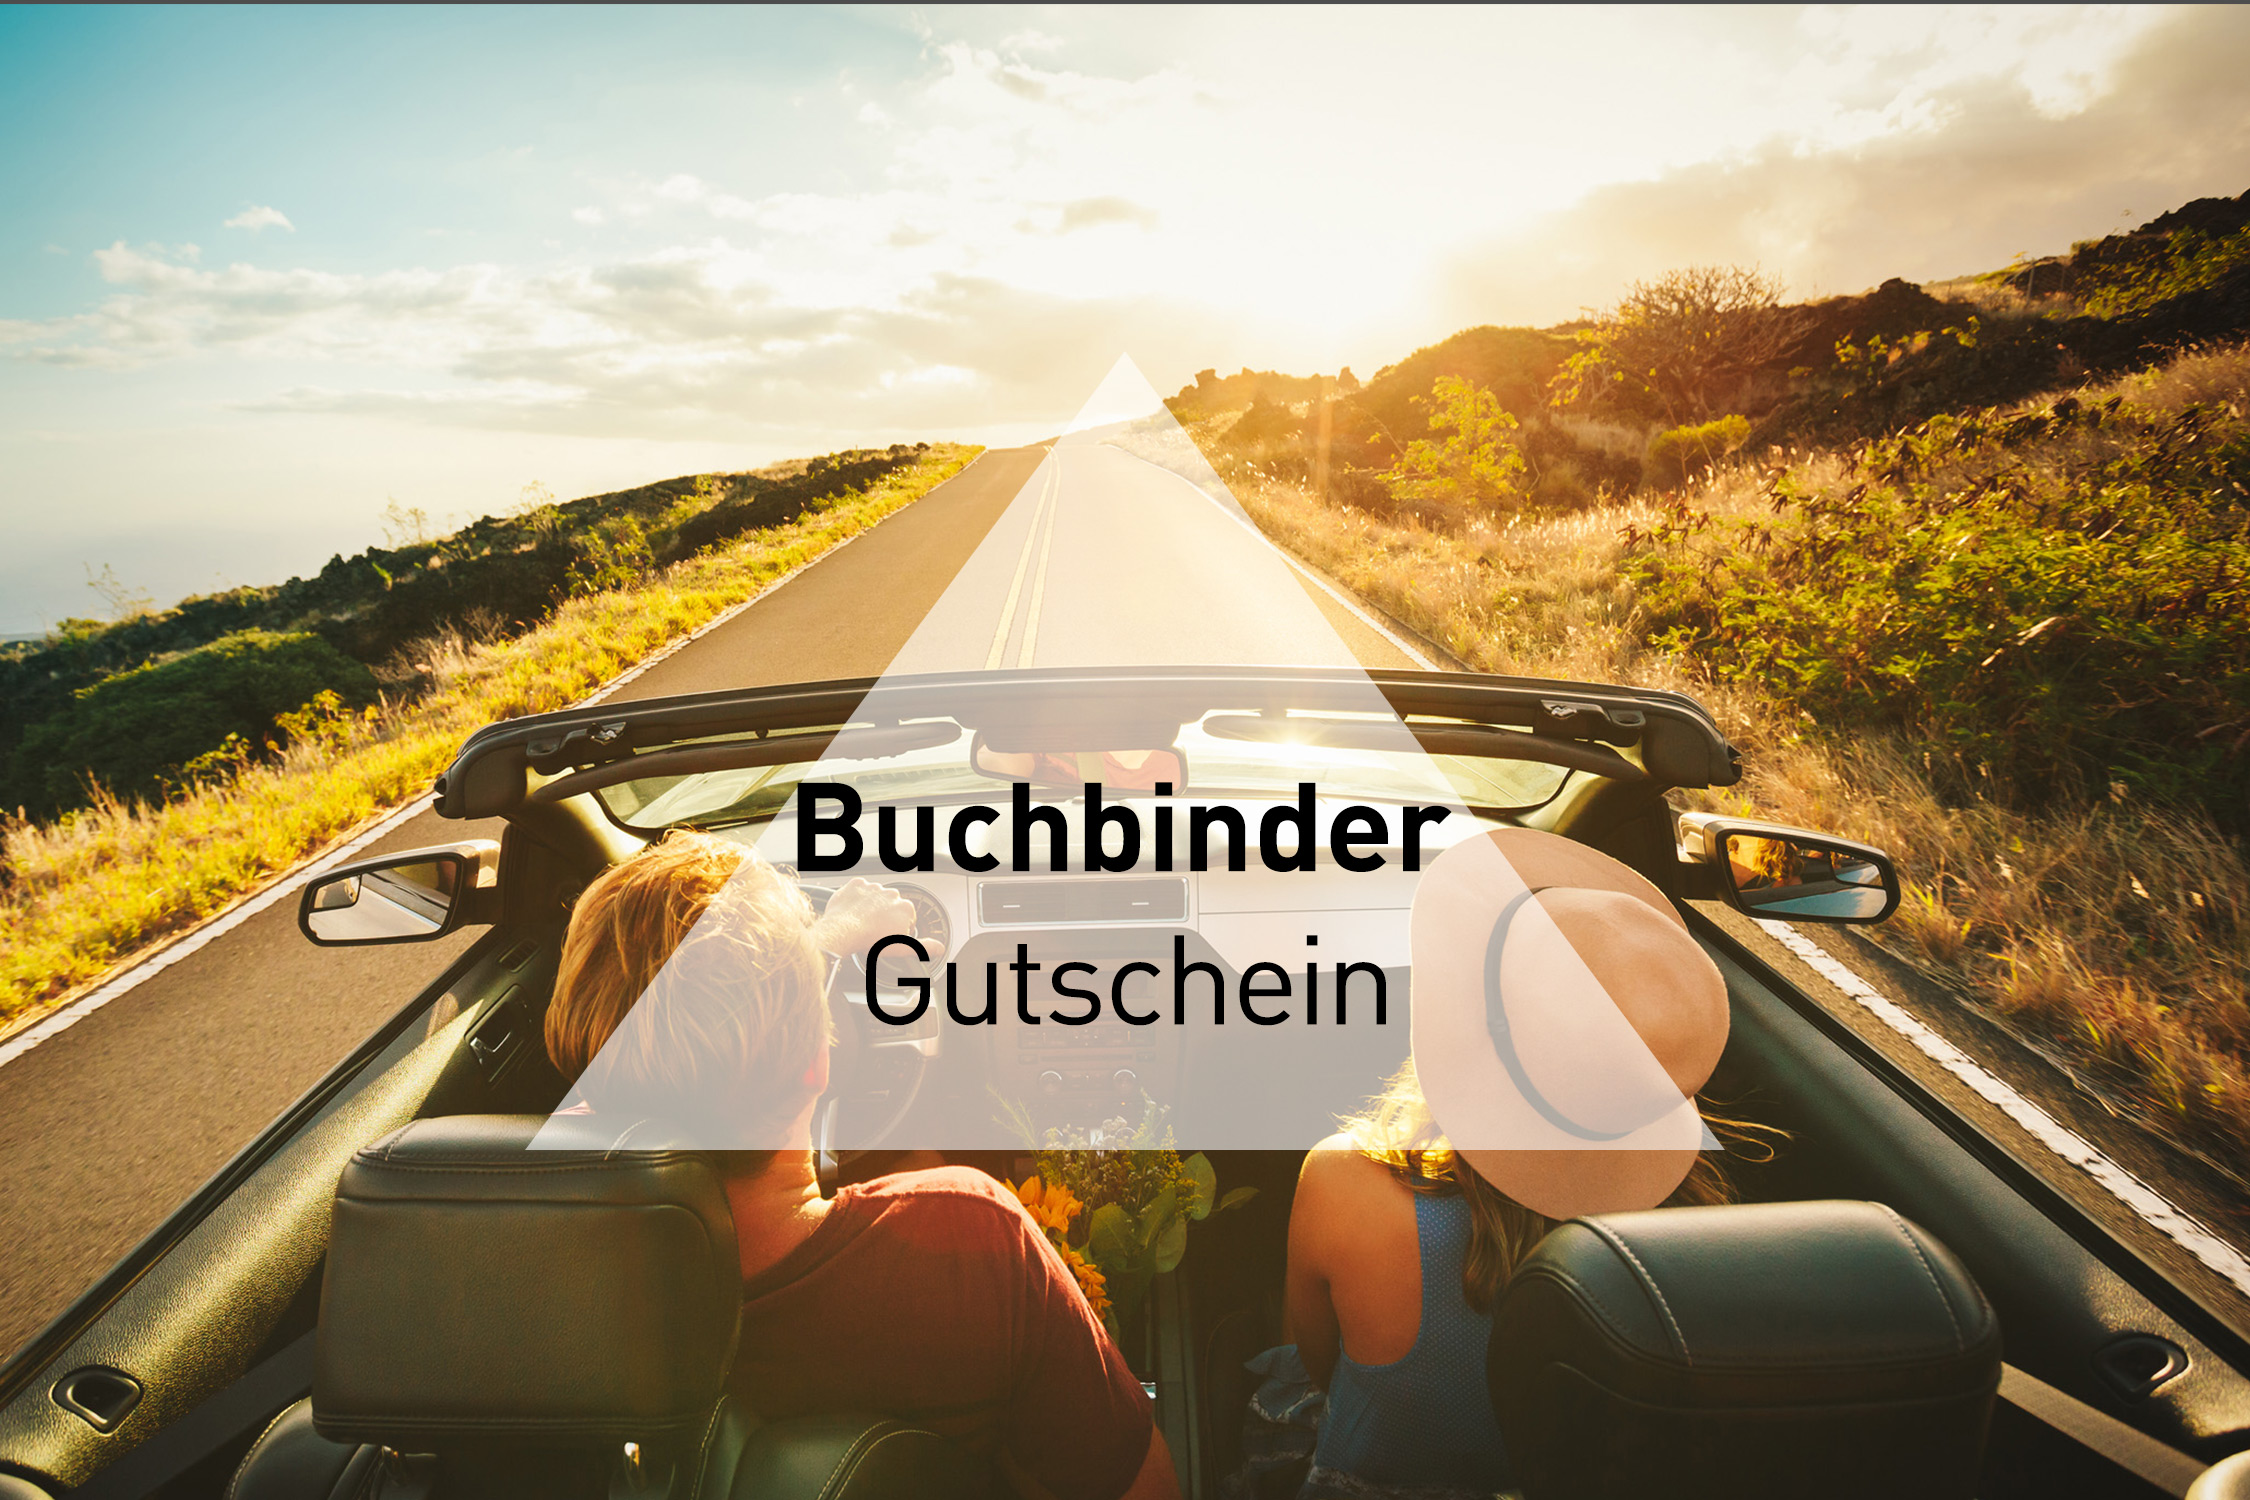 Buchbinder Gutschein Spart 10 Auf Eure Mietwagen Buchung